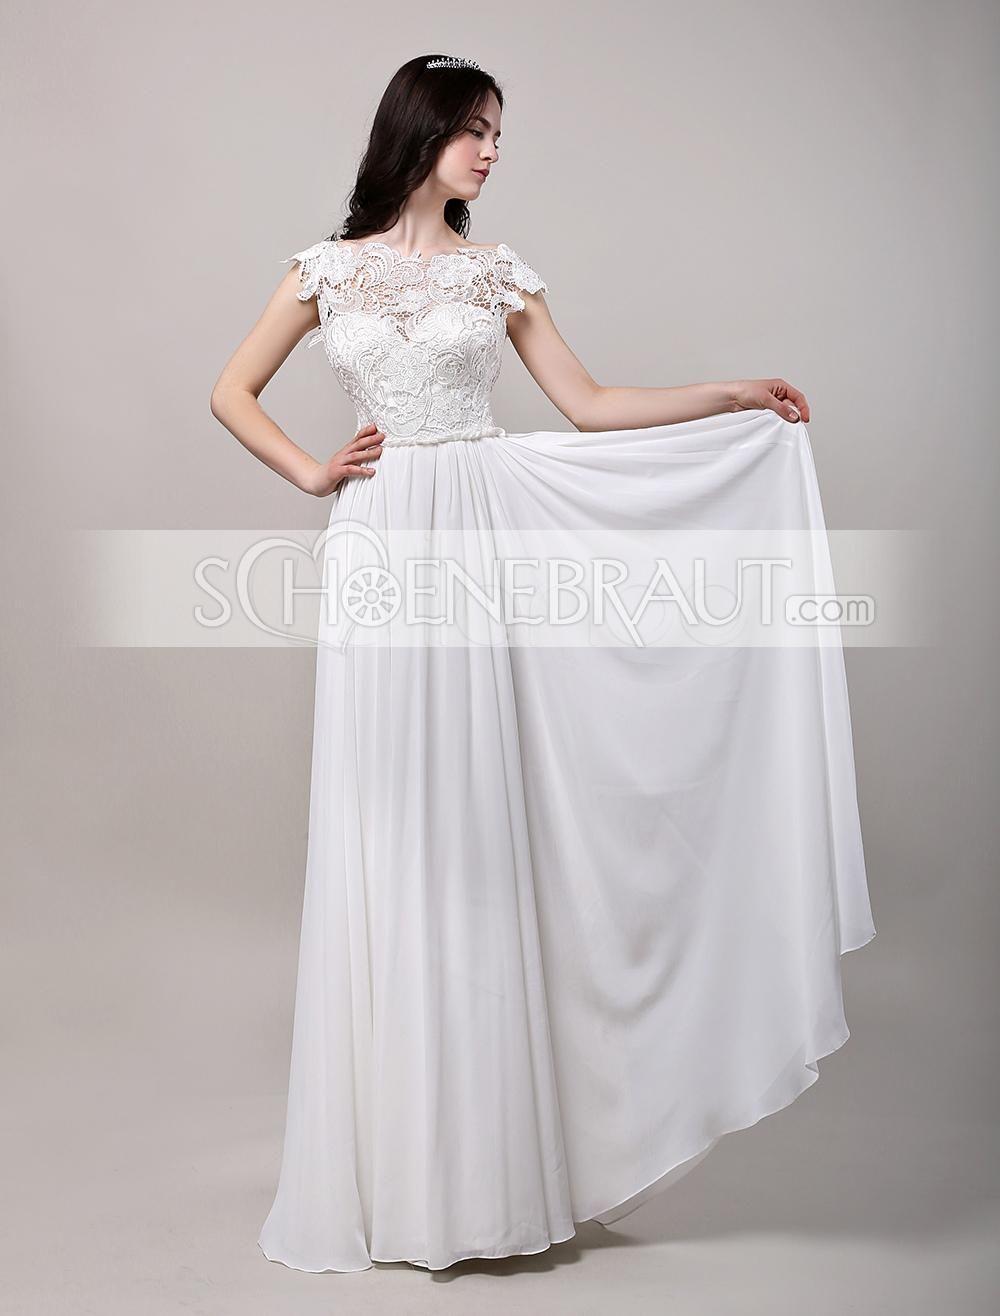 Ausgefallene Vintage Hochzeitskleider Fur Mollige Standesamt Mit